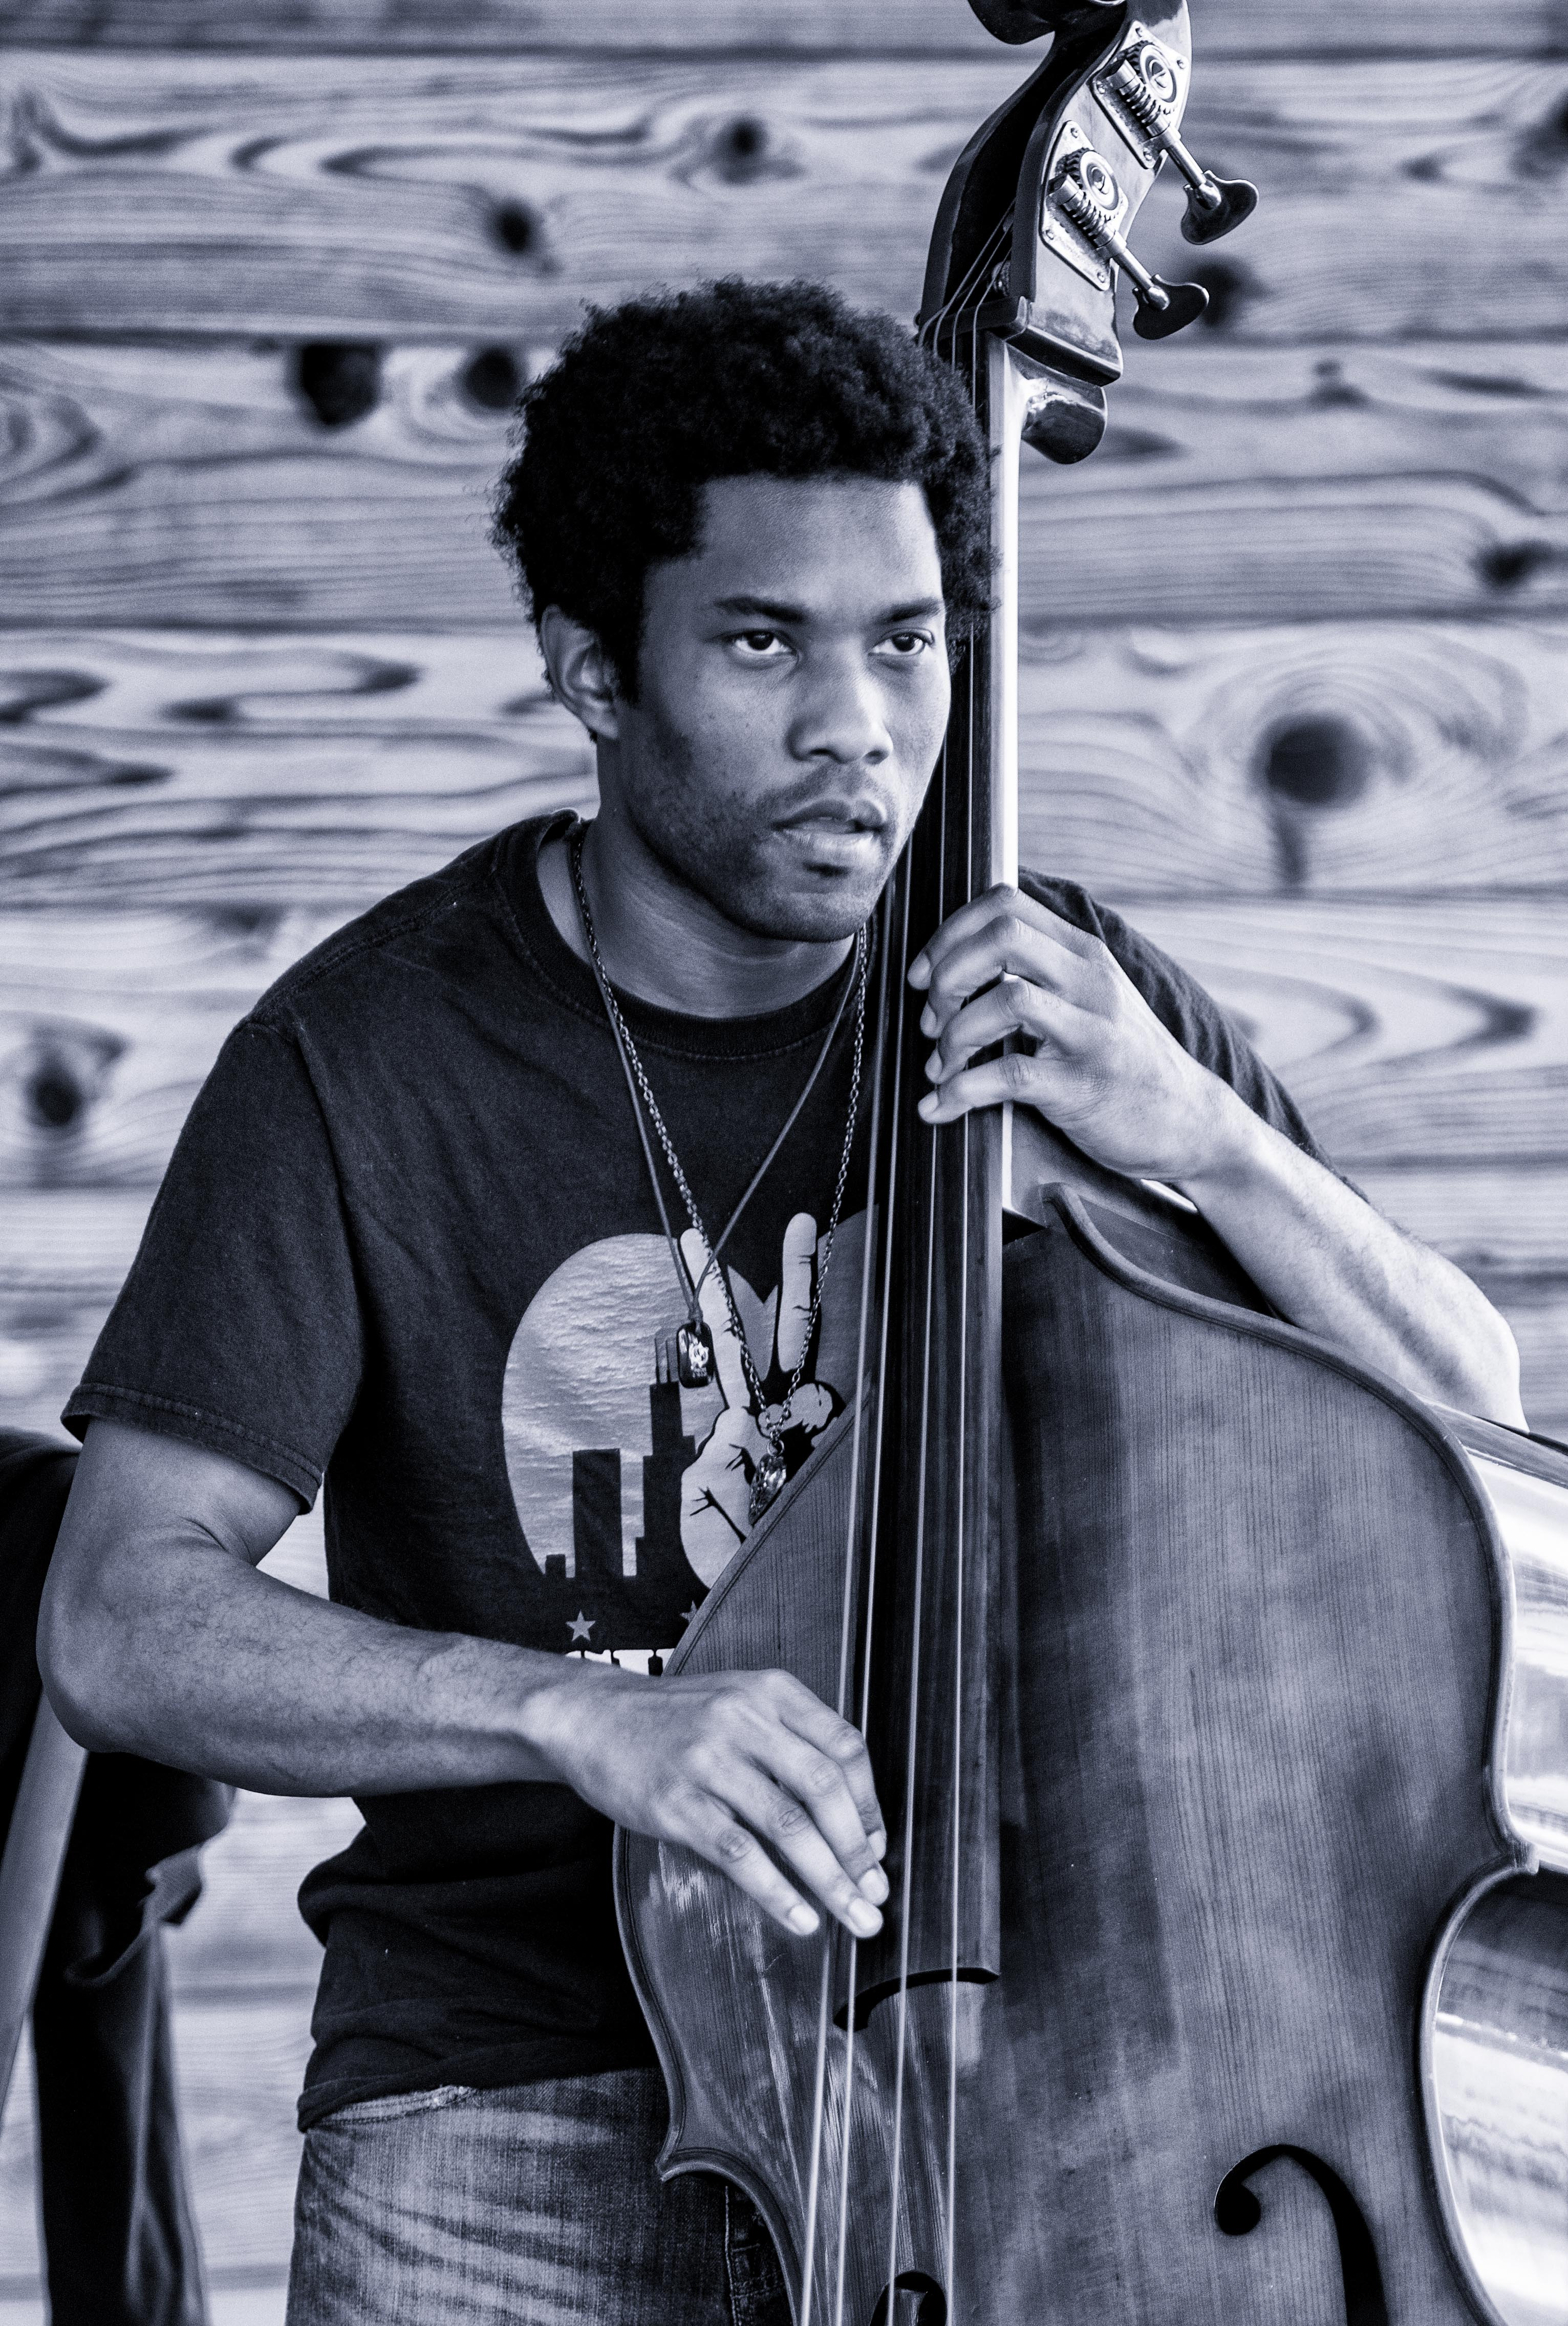 Joshua Ramos